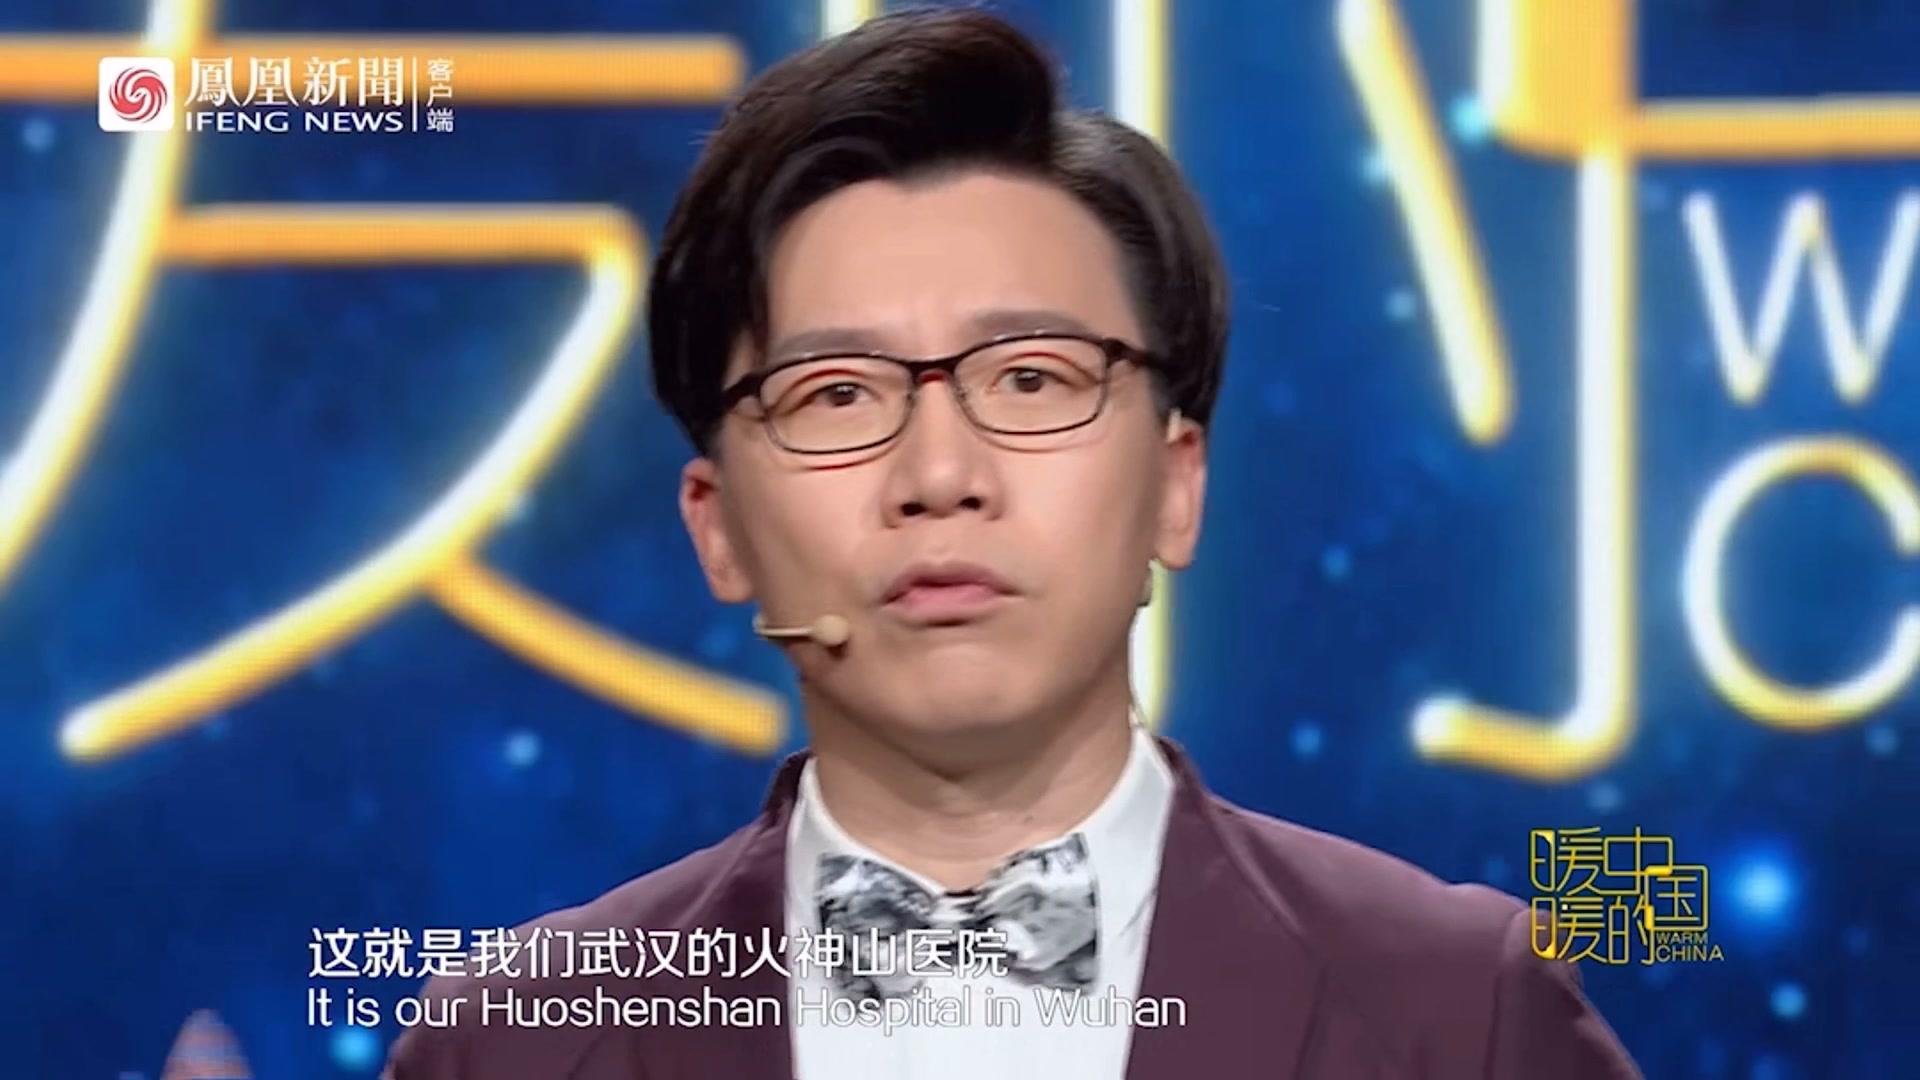 陈铭史诗级演讲——火神山医院的故事,疫情面前这就是中国力量!